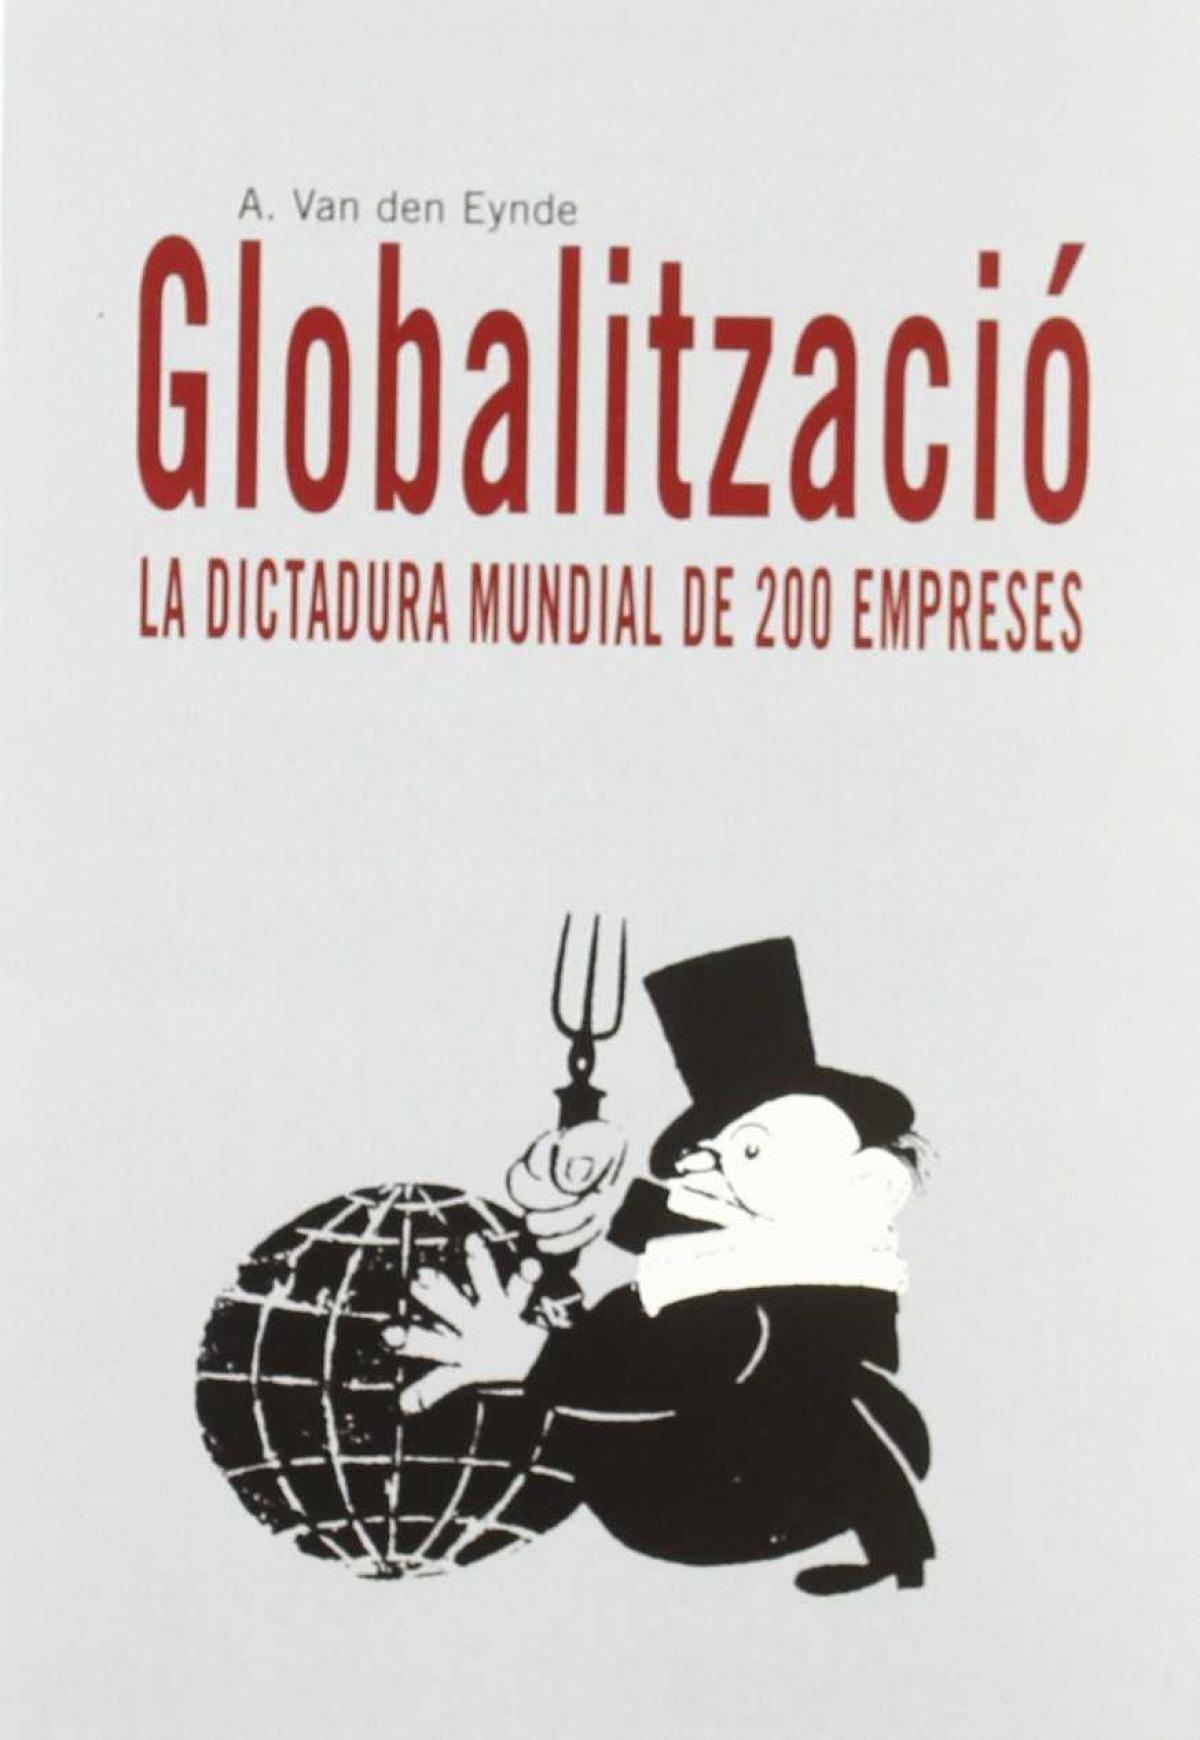 Globalització. La dictadura mundial de 200 empreses